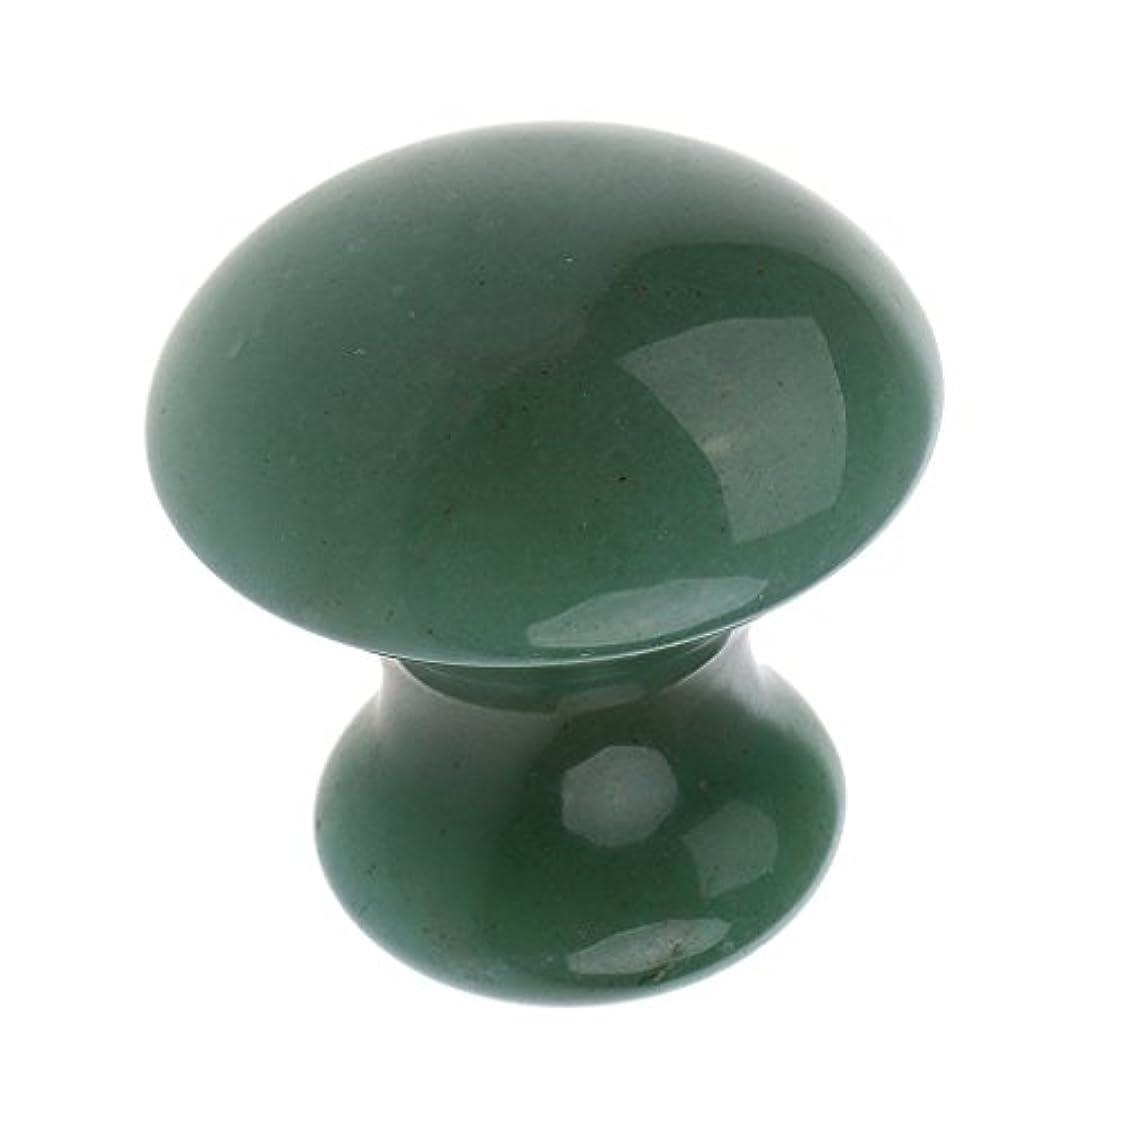 大胆不敵にぎやか論文マッサージストーン マッシュルーム スパ SPA ストーン スキンケア リラックス 2色選べる - 緑